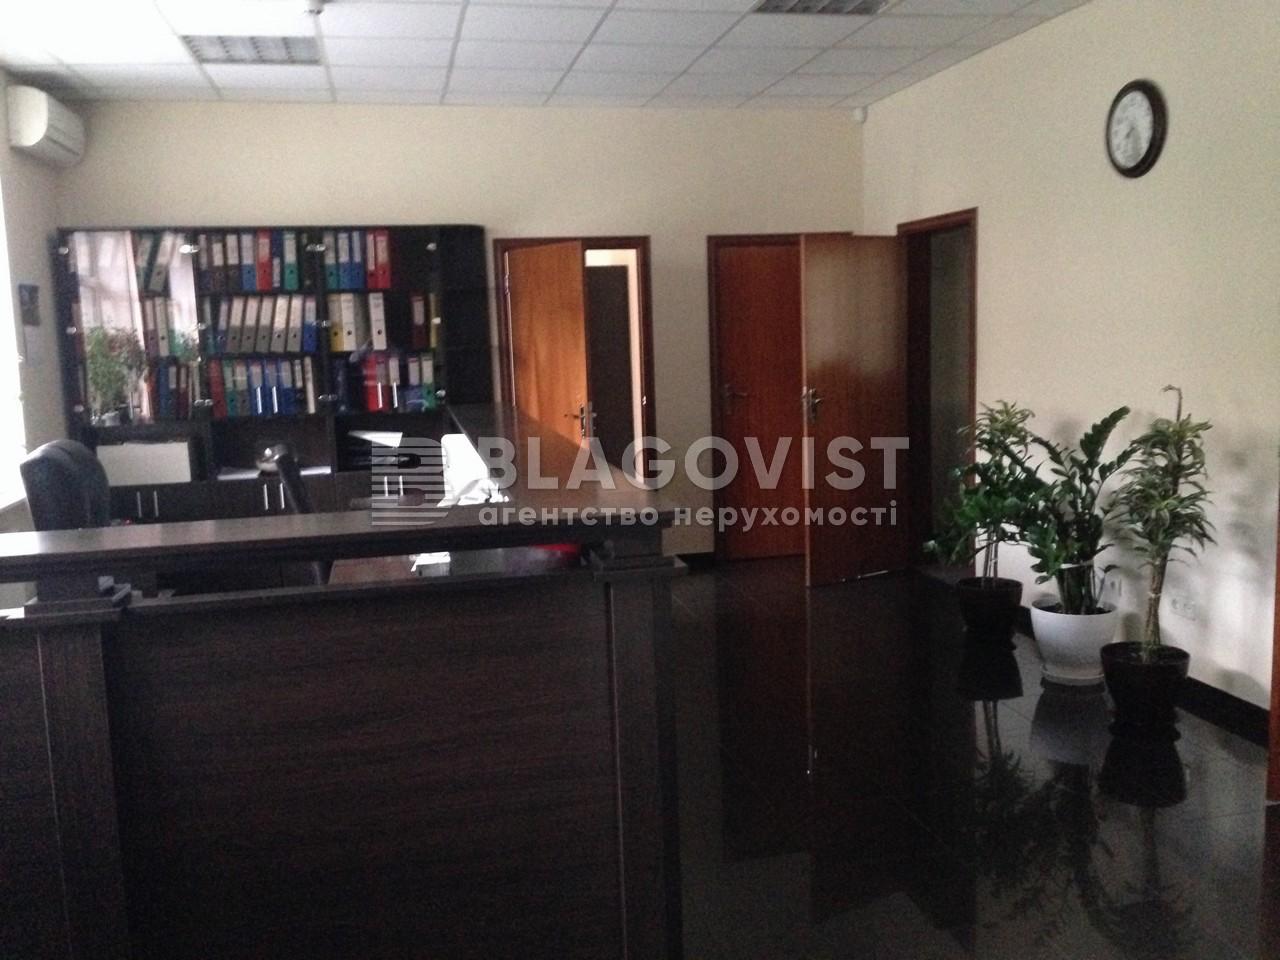 Нежилое помещение, E-36584, Березняковская, Киев - Фото 5